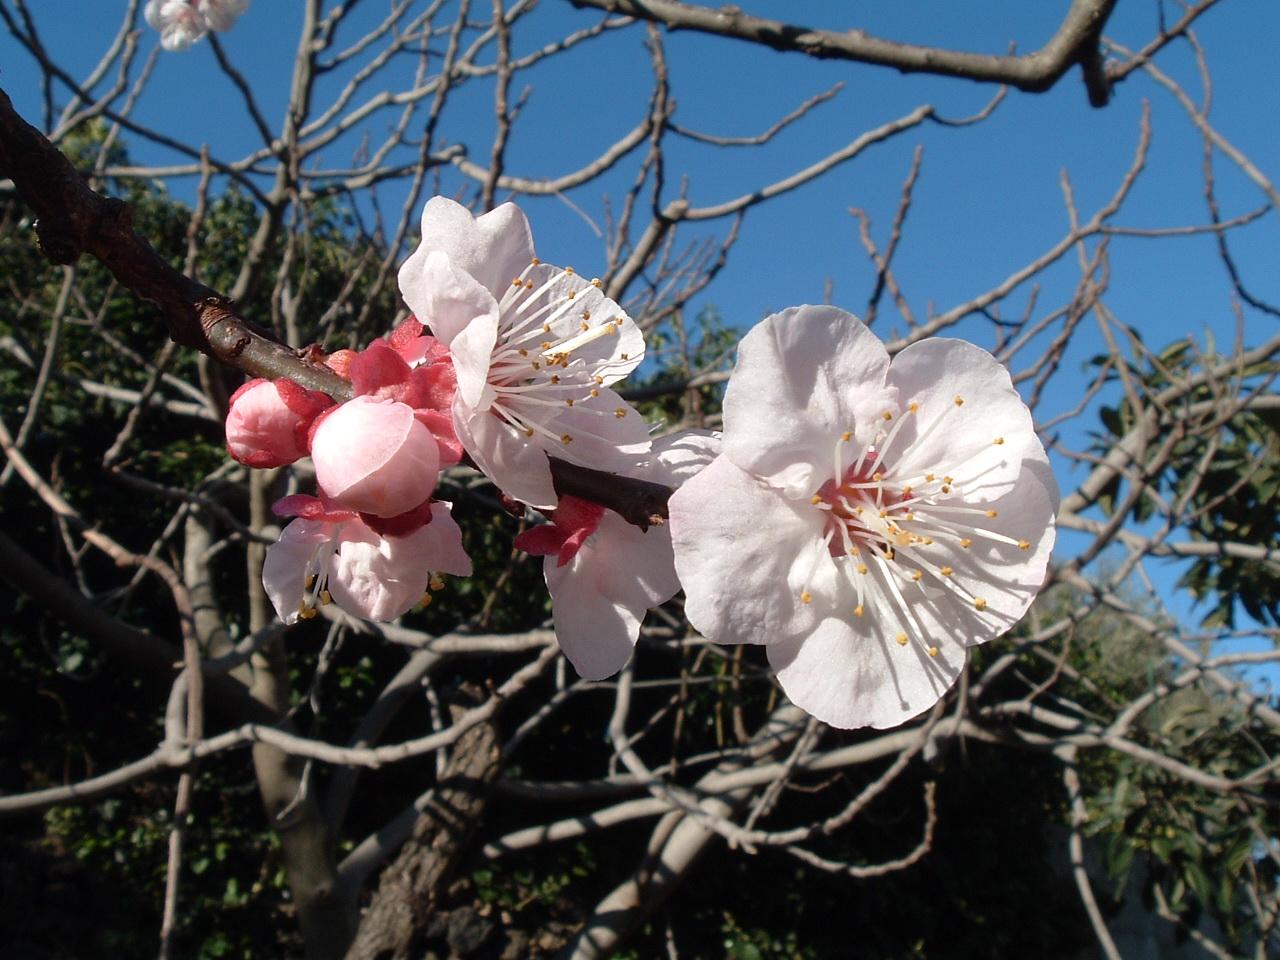 La fioritura: gli auguri di Pasqua della Presidente